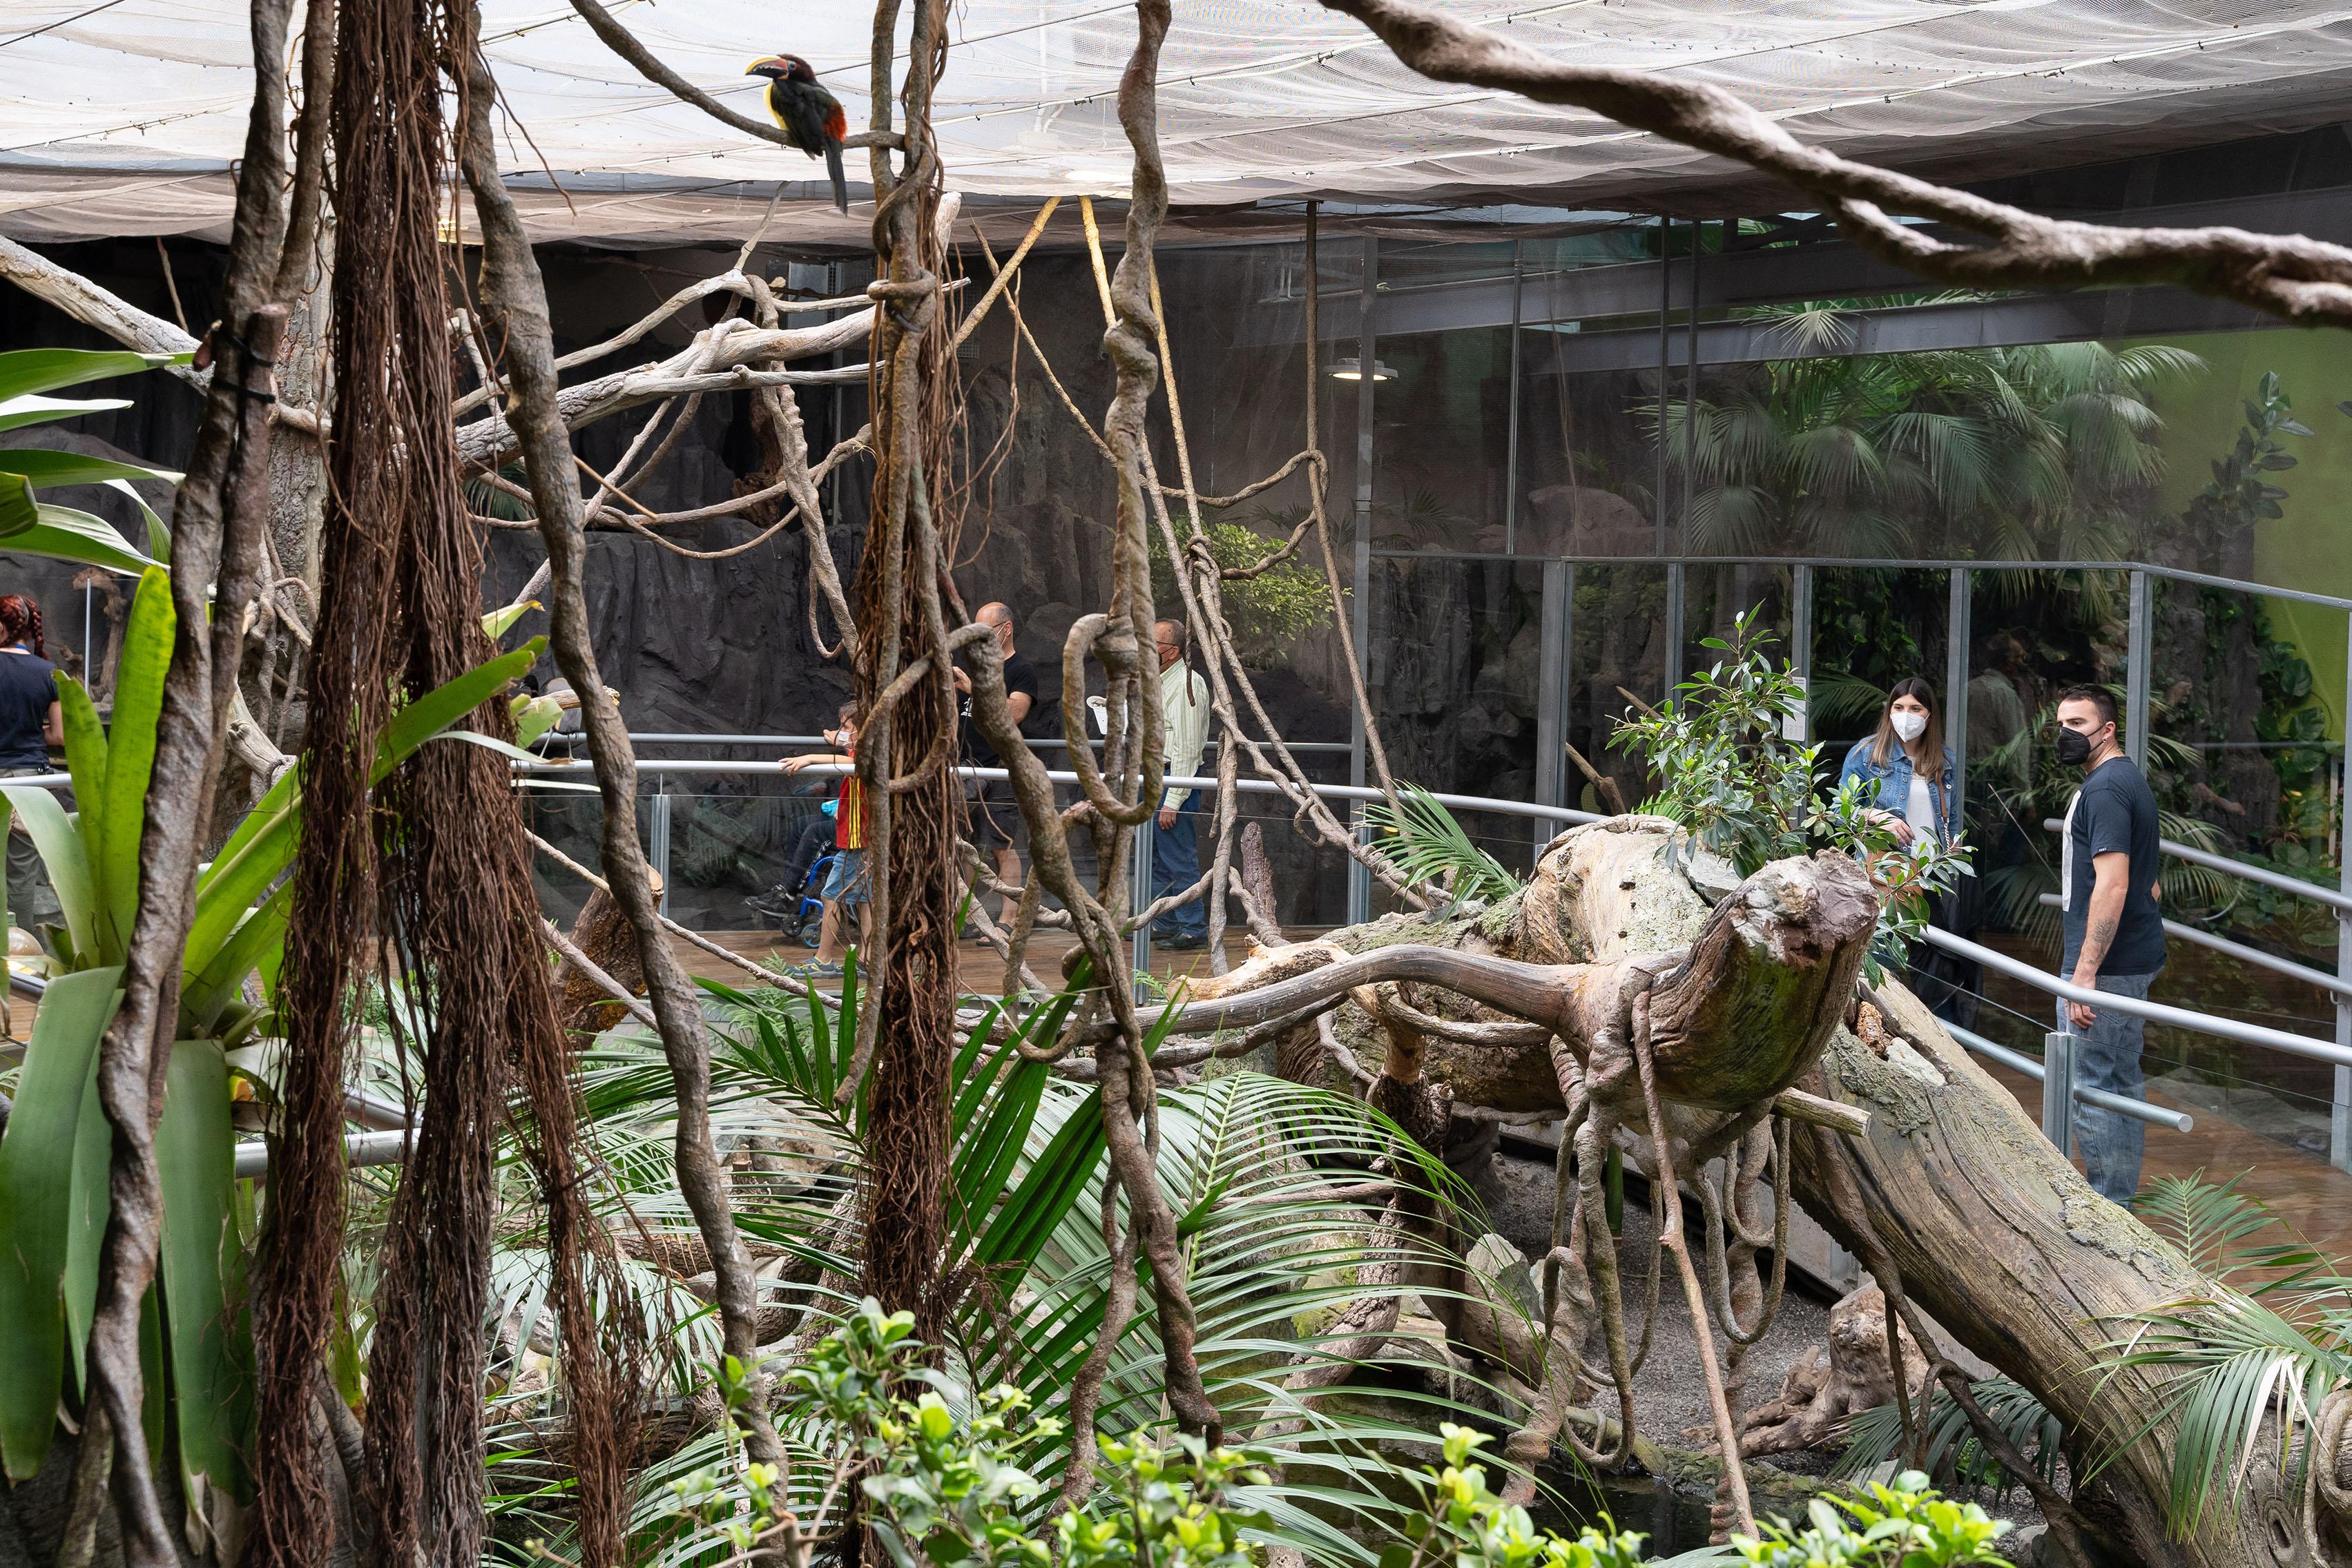 El BioDomo cumple 5 años y se consolida como uno de los principales atractivos del Parque de las Ciencias